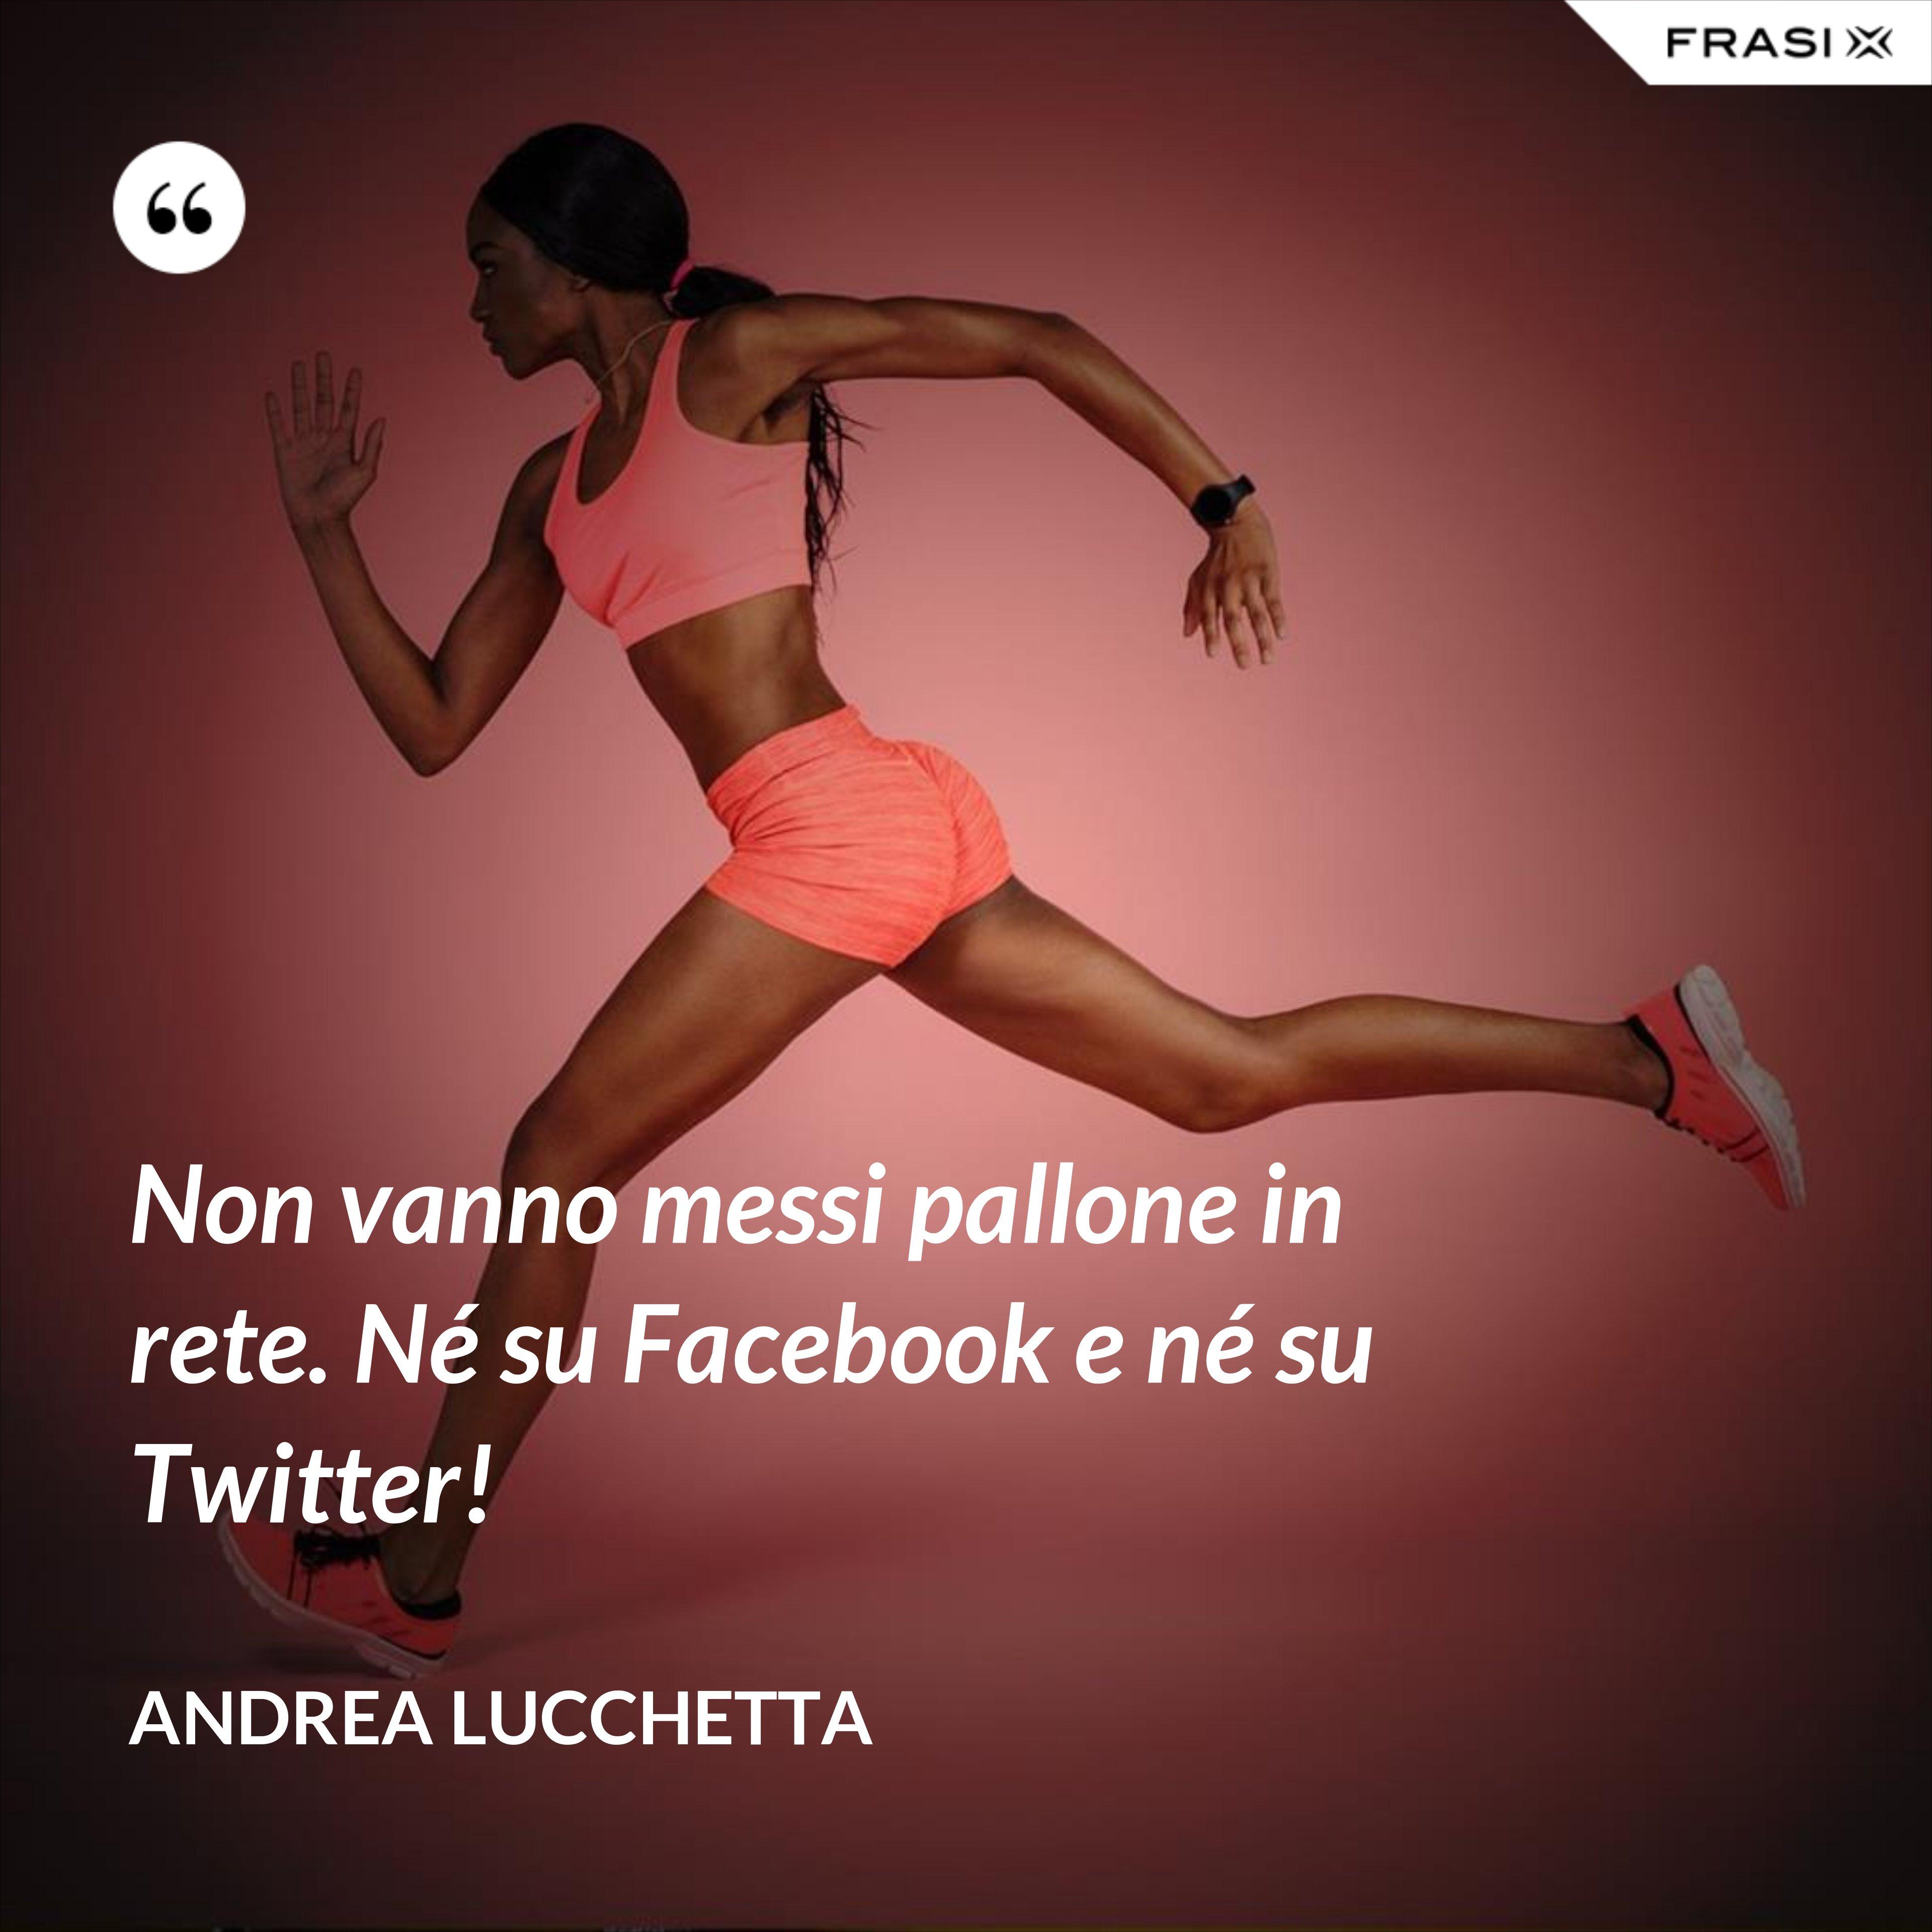 Non vanno messi pallone in rete. Né su Facebook e né su Twitter! - Andrea Lucchetta